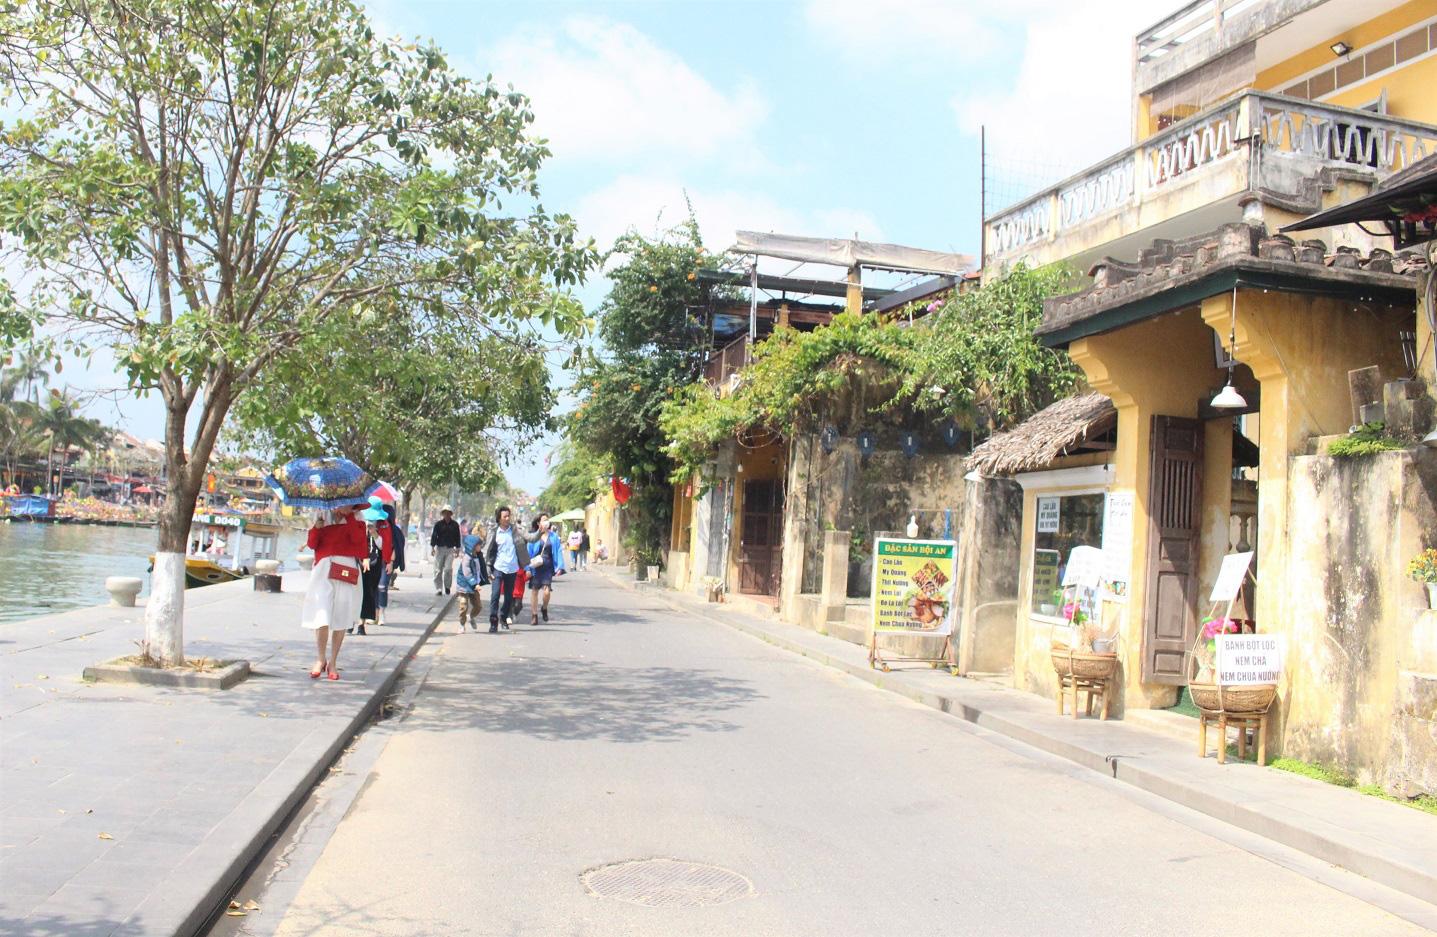 Quảng Nam: Ngày tết, phố cổ Hội An đìu hiu khách du lịch - Ảnh 3.